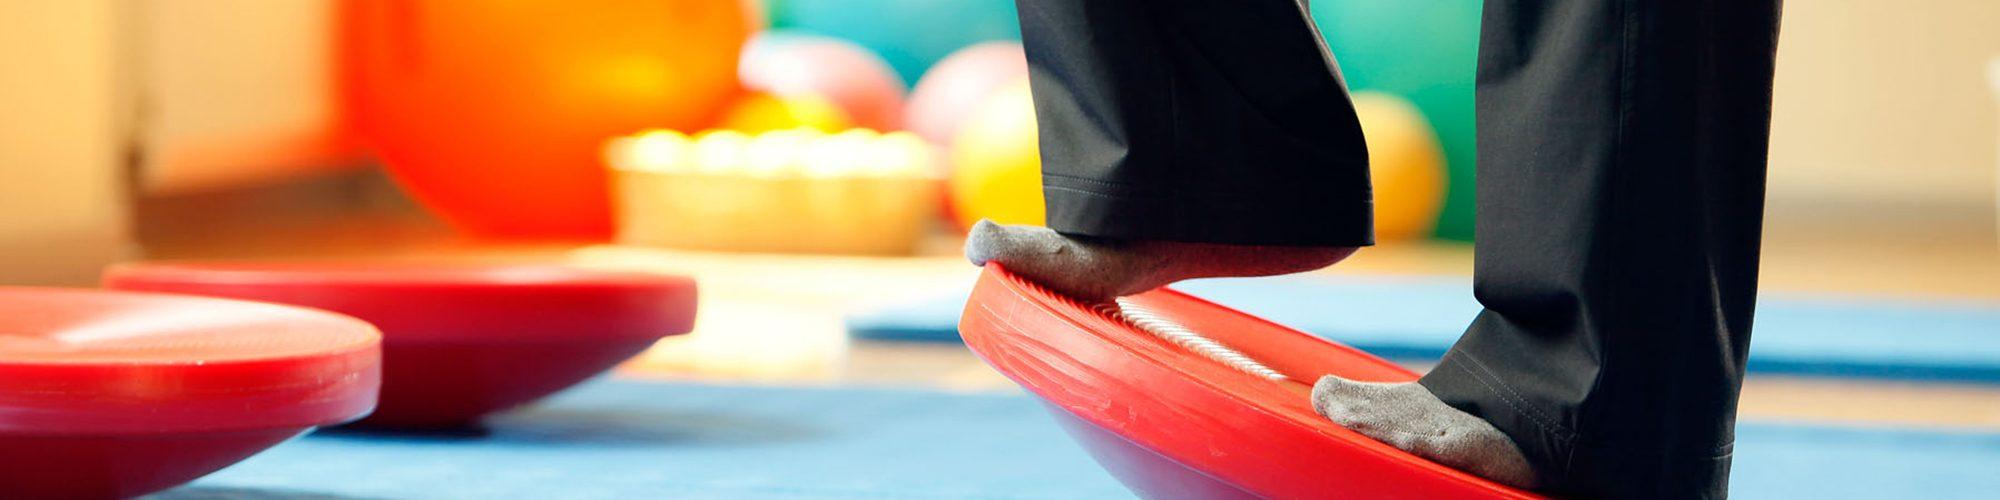 ein Balance-Board